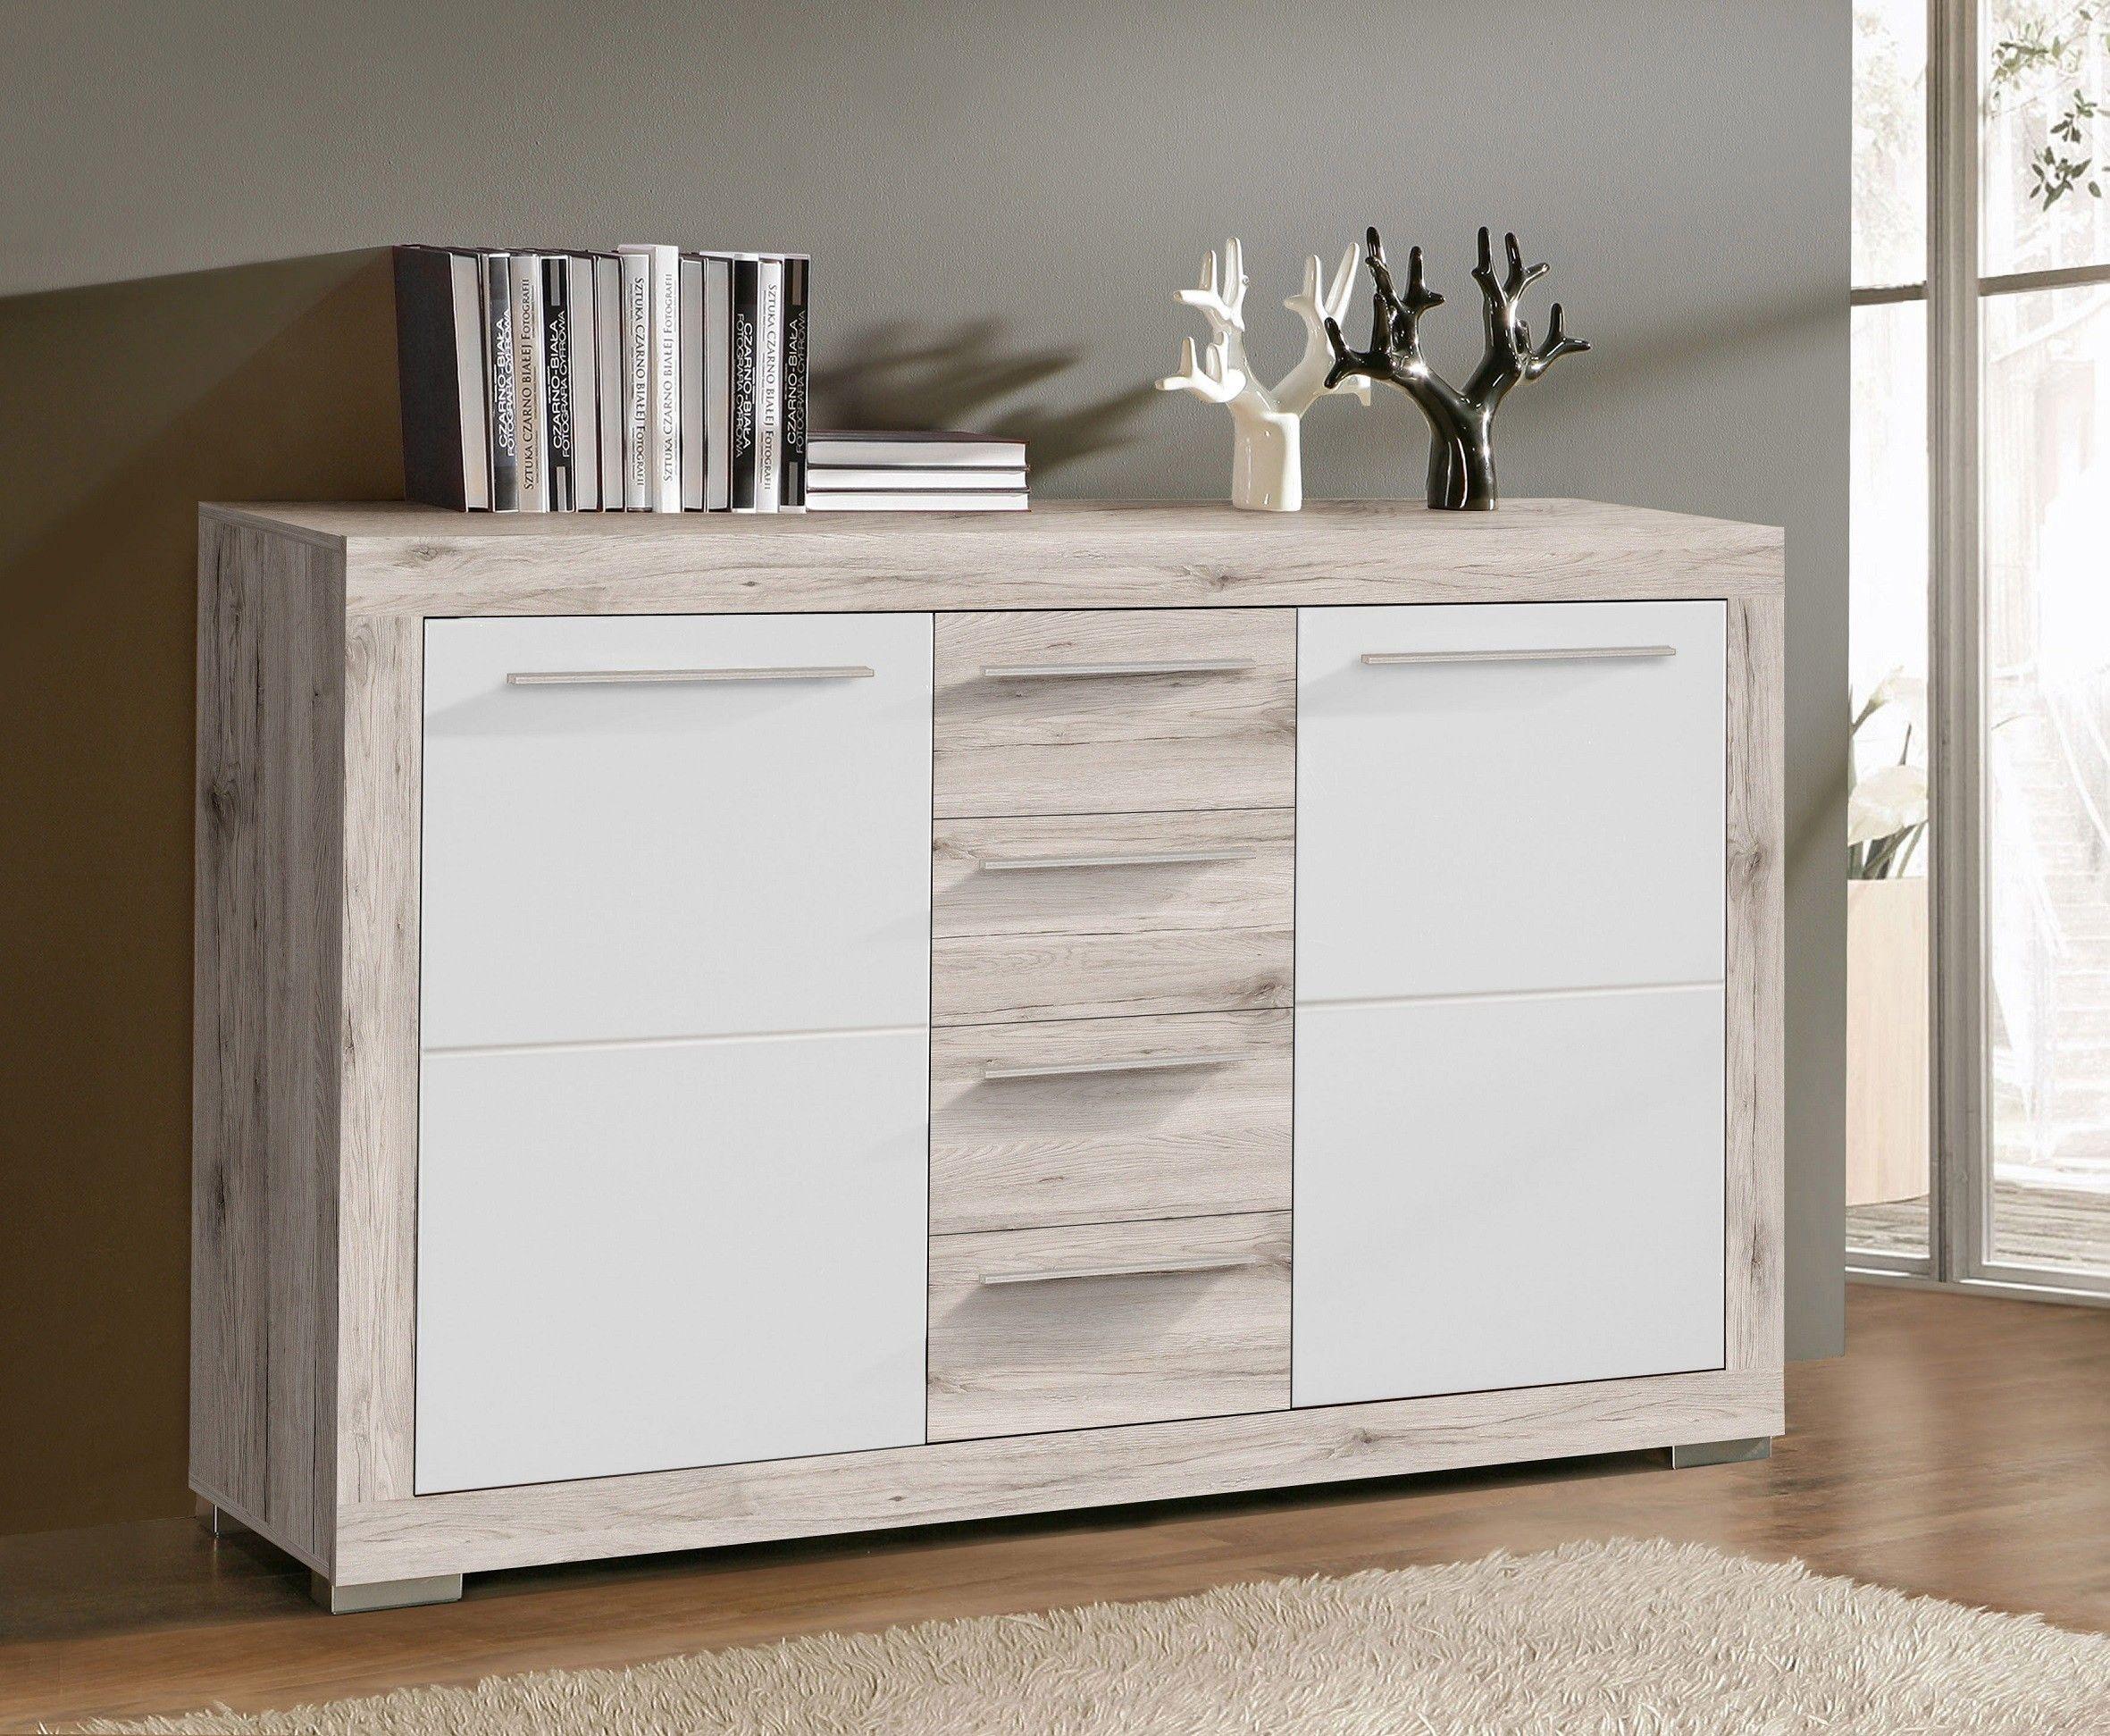 Fabelhaft Sideboard Buche Weiß Dekoration Von Verschaffen Sie Sich Durch Dieses Zusätzlichen Stauraum